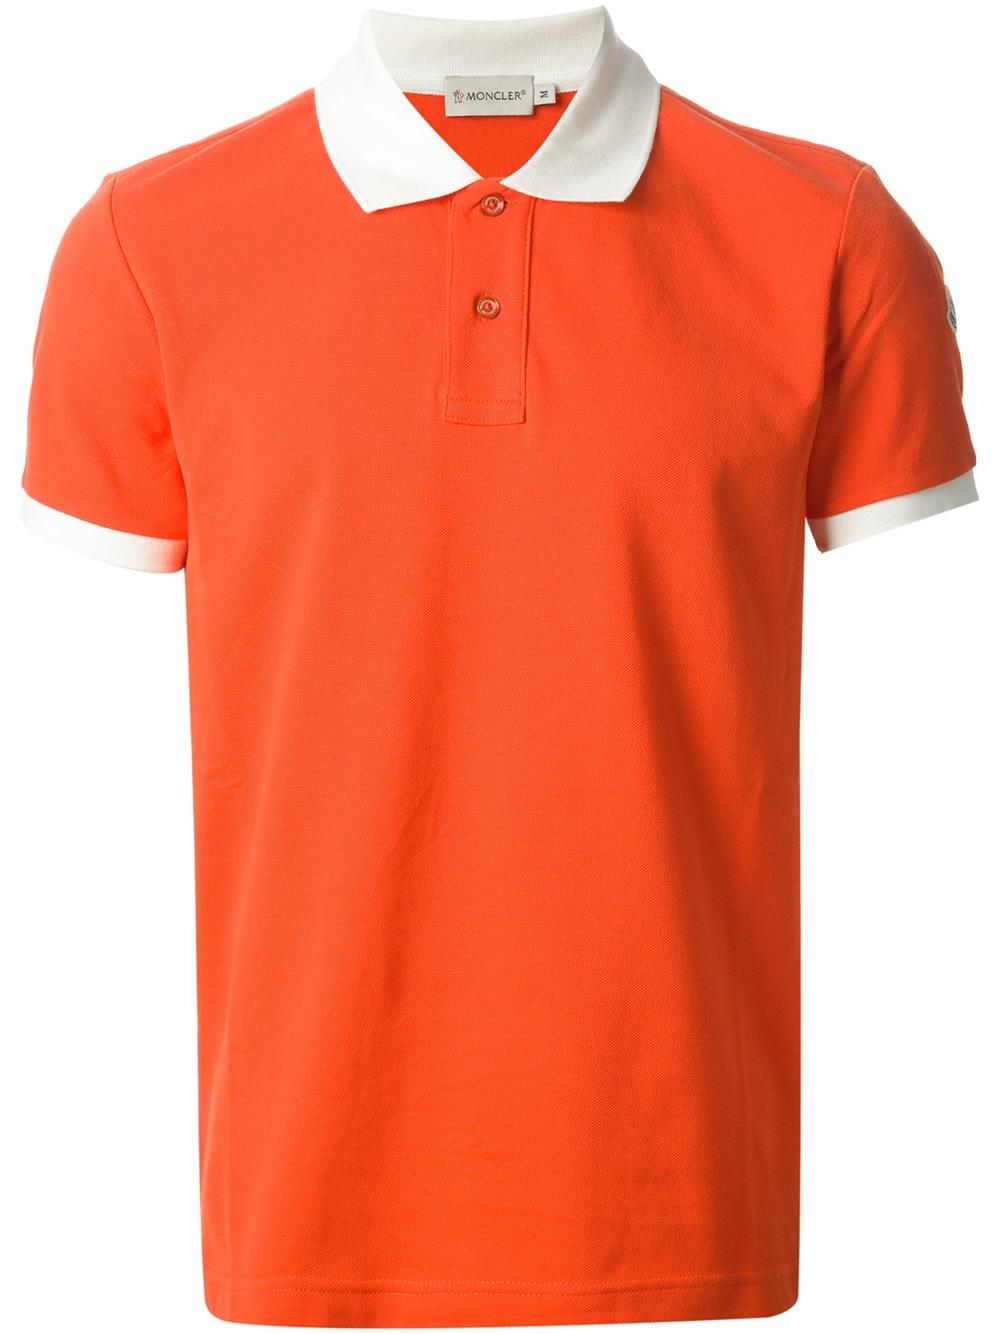 orange moncler shirt